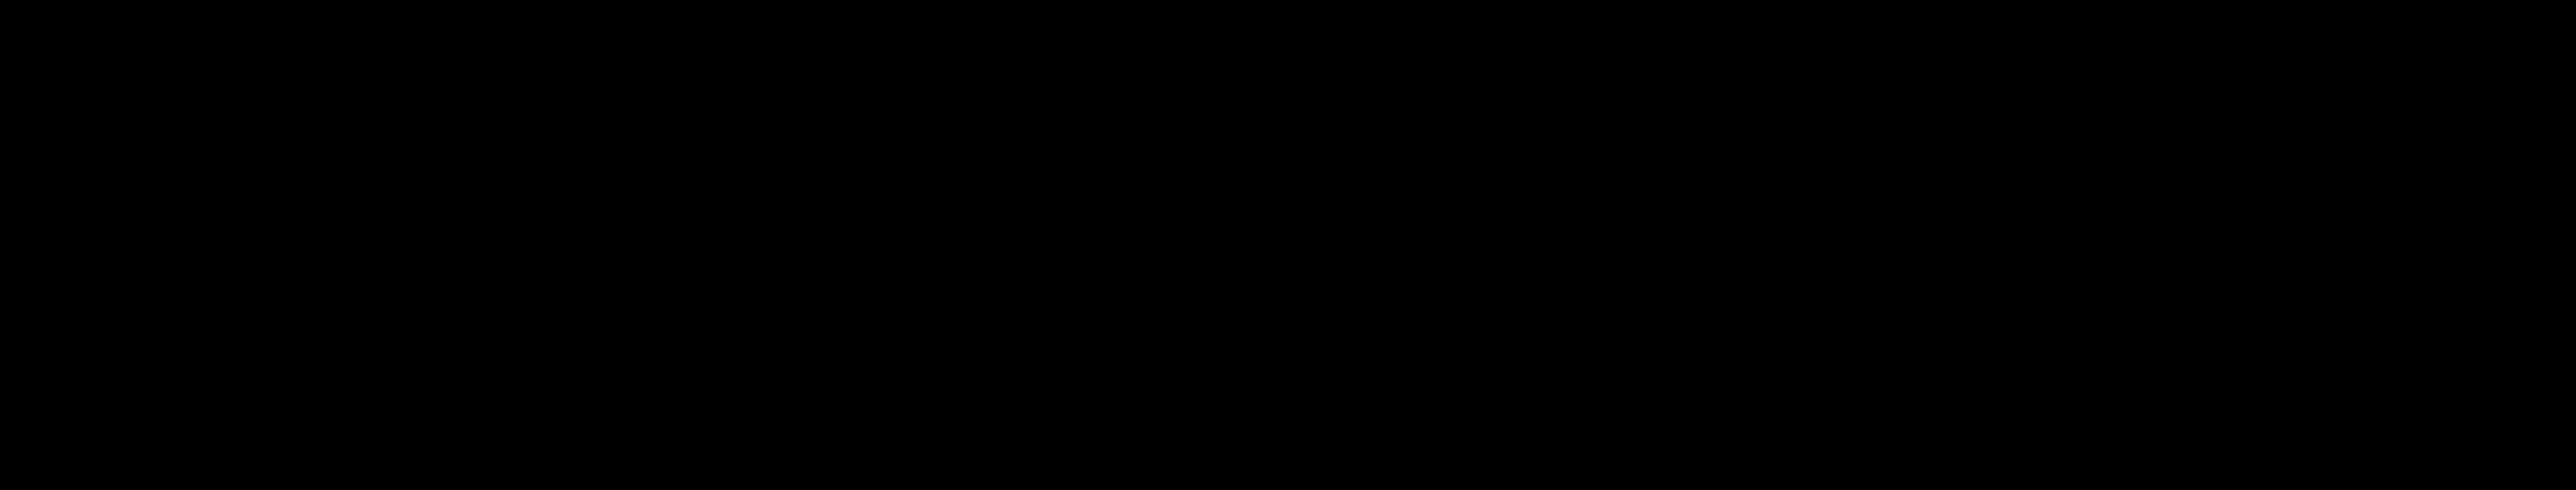 Polymer PF-FD